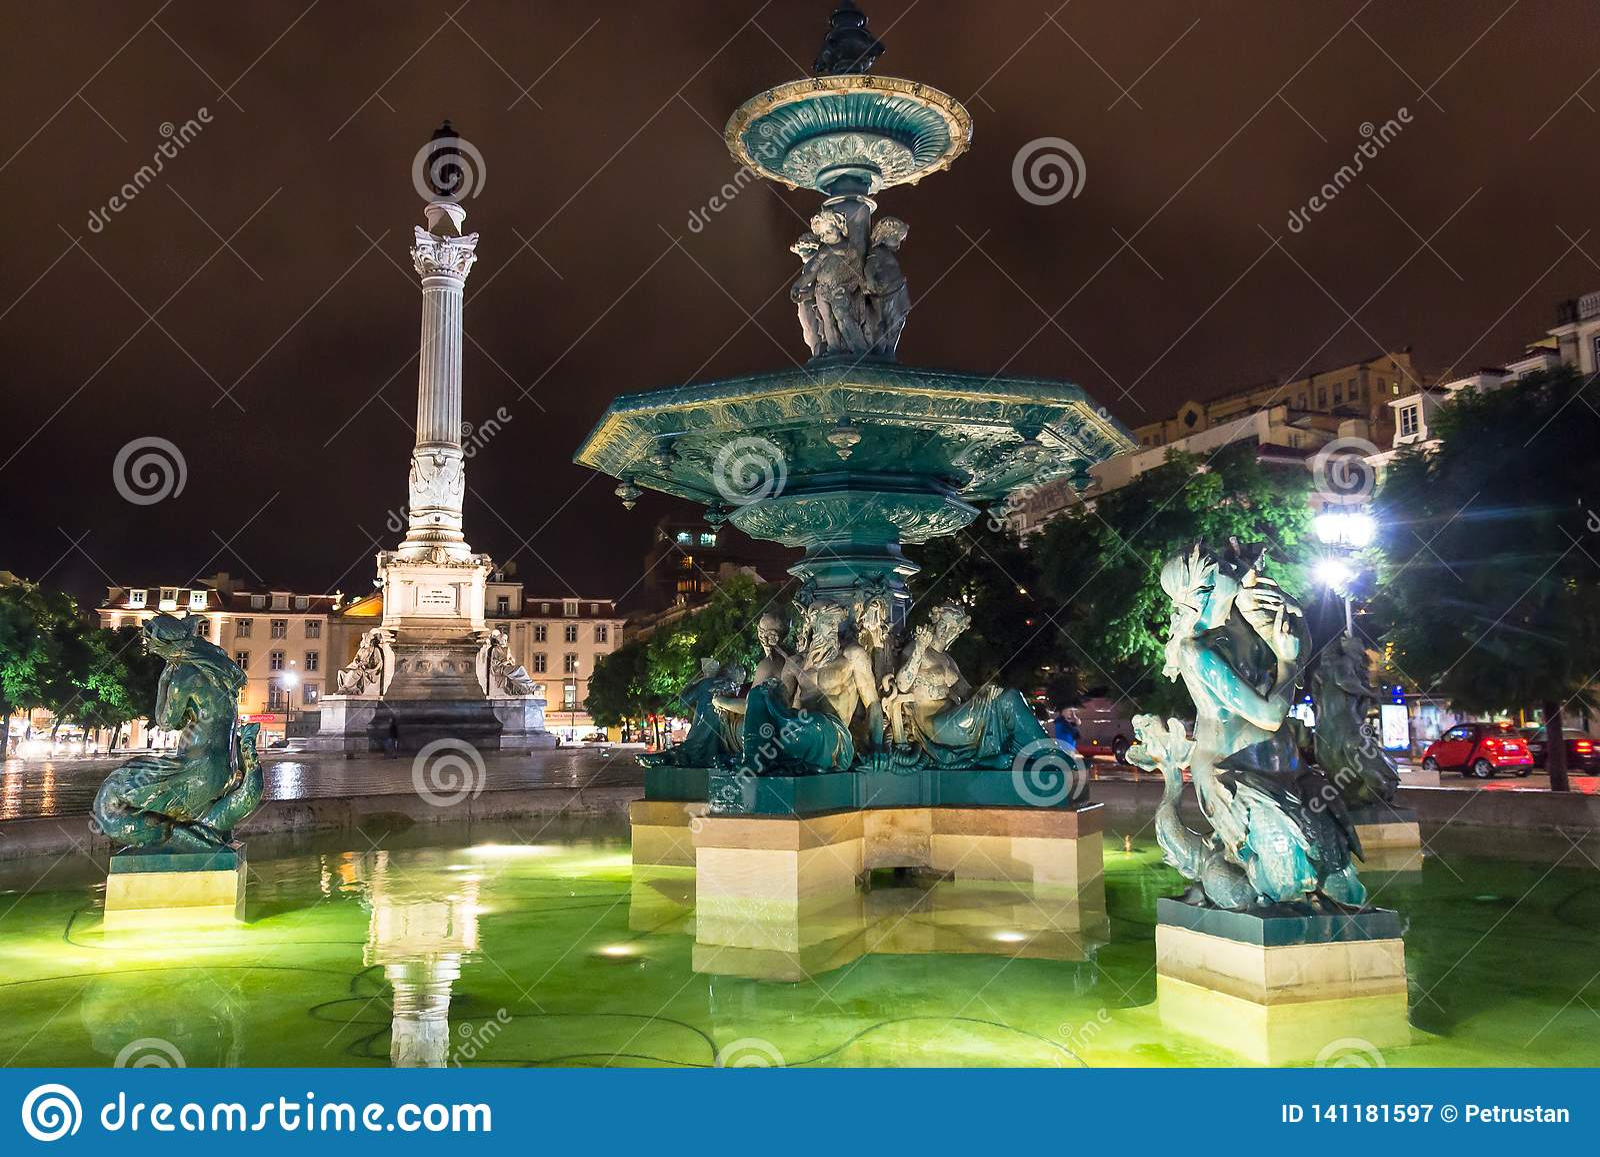 Escena de la noche del cuadrado de Rossio, Lisboa, Portugal con uno de sus fuentes decorativas y de la columna de Pedro IV